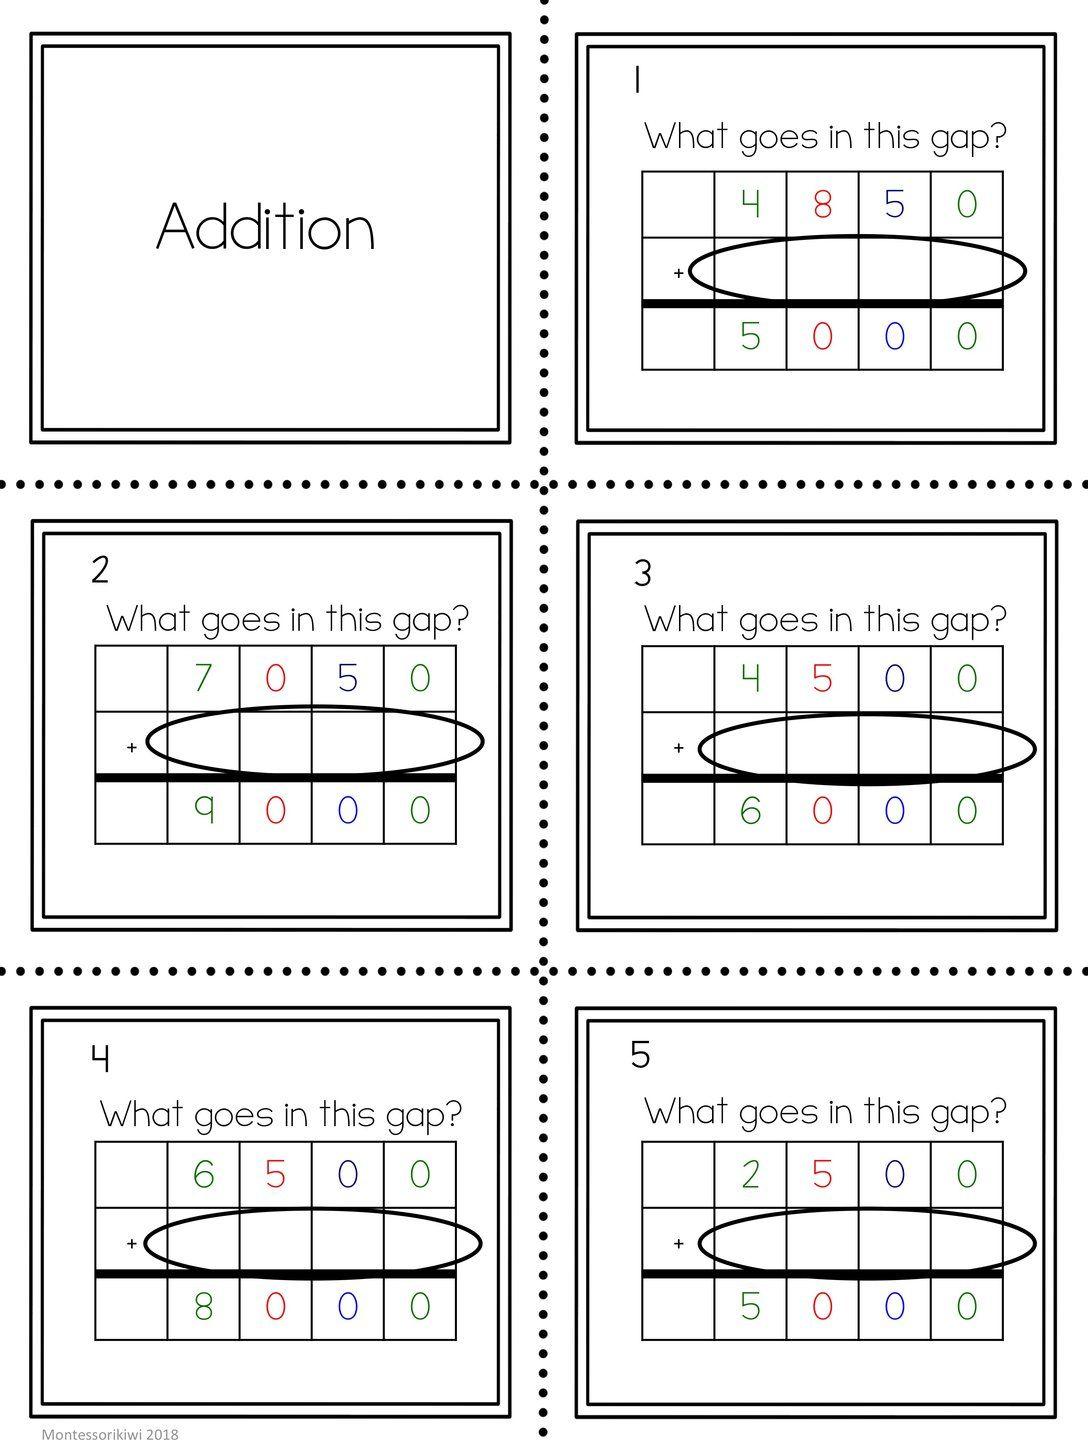 Four Digit Gateway To Algebra Questions